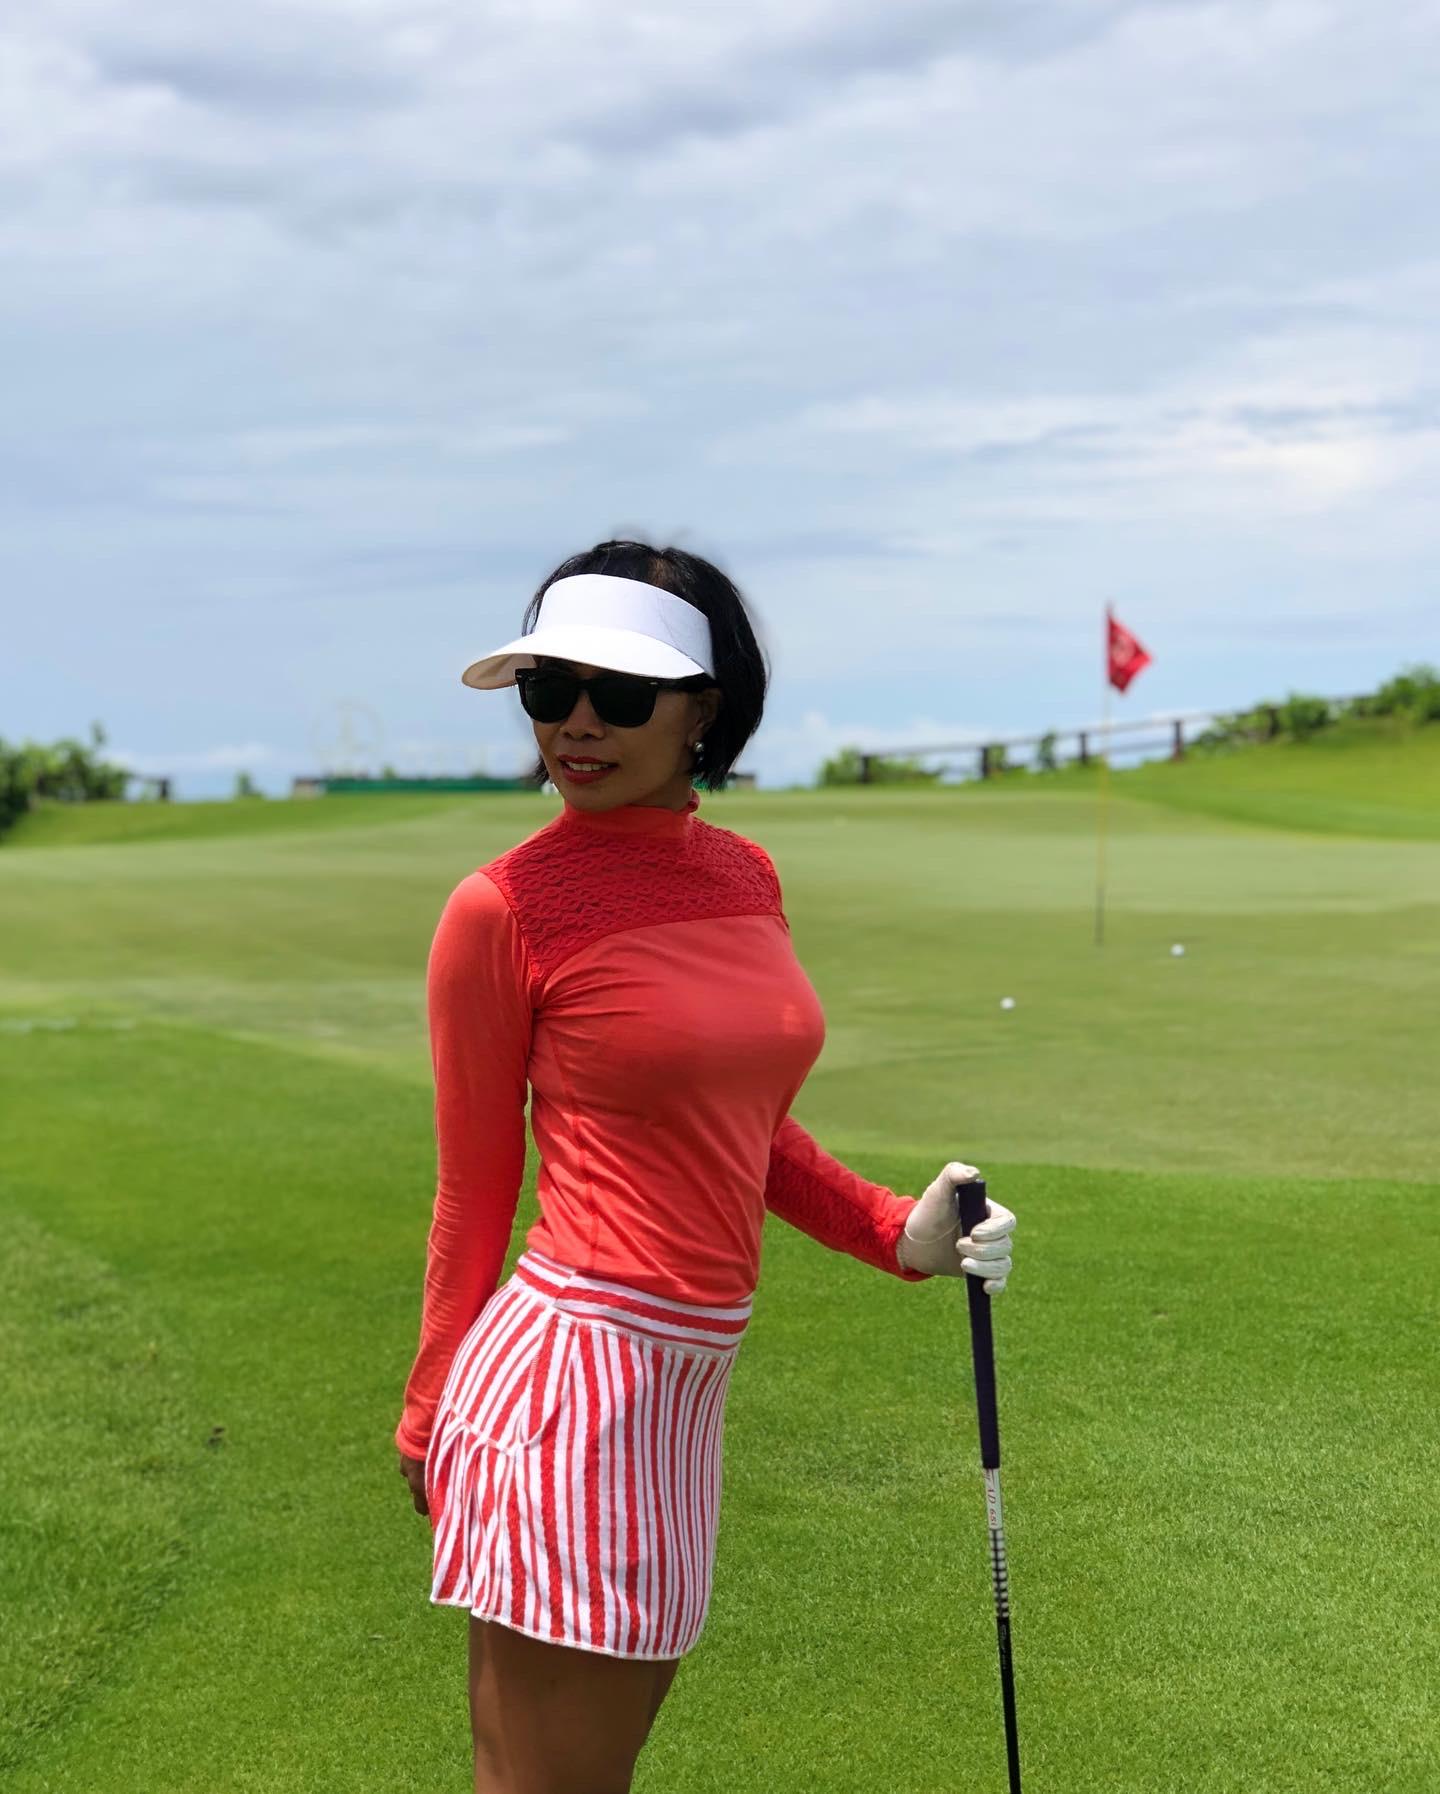 Women's Golf Red Long Sleeve Top